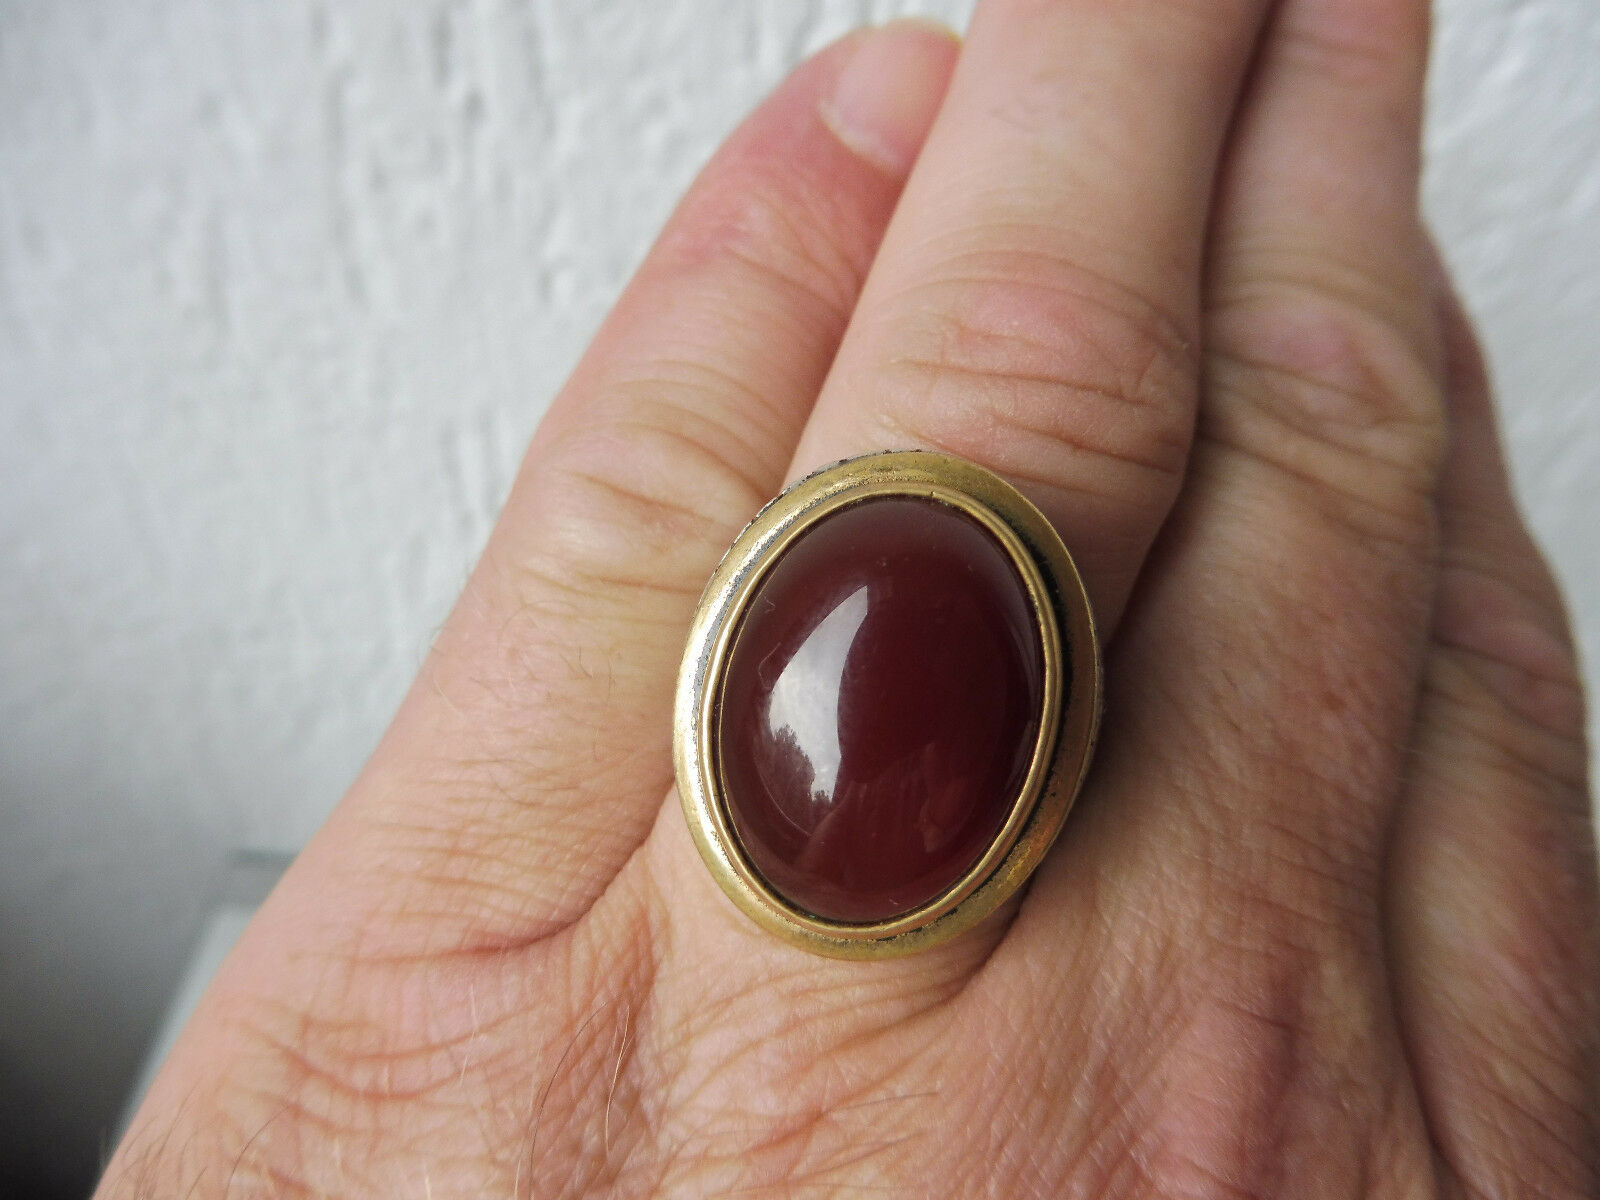 Muy Hermoso, Antiguo, size Anillo __ silver 925 con redbrownem Piedra